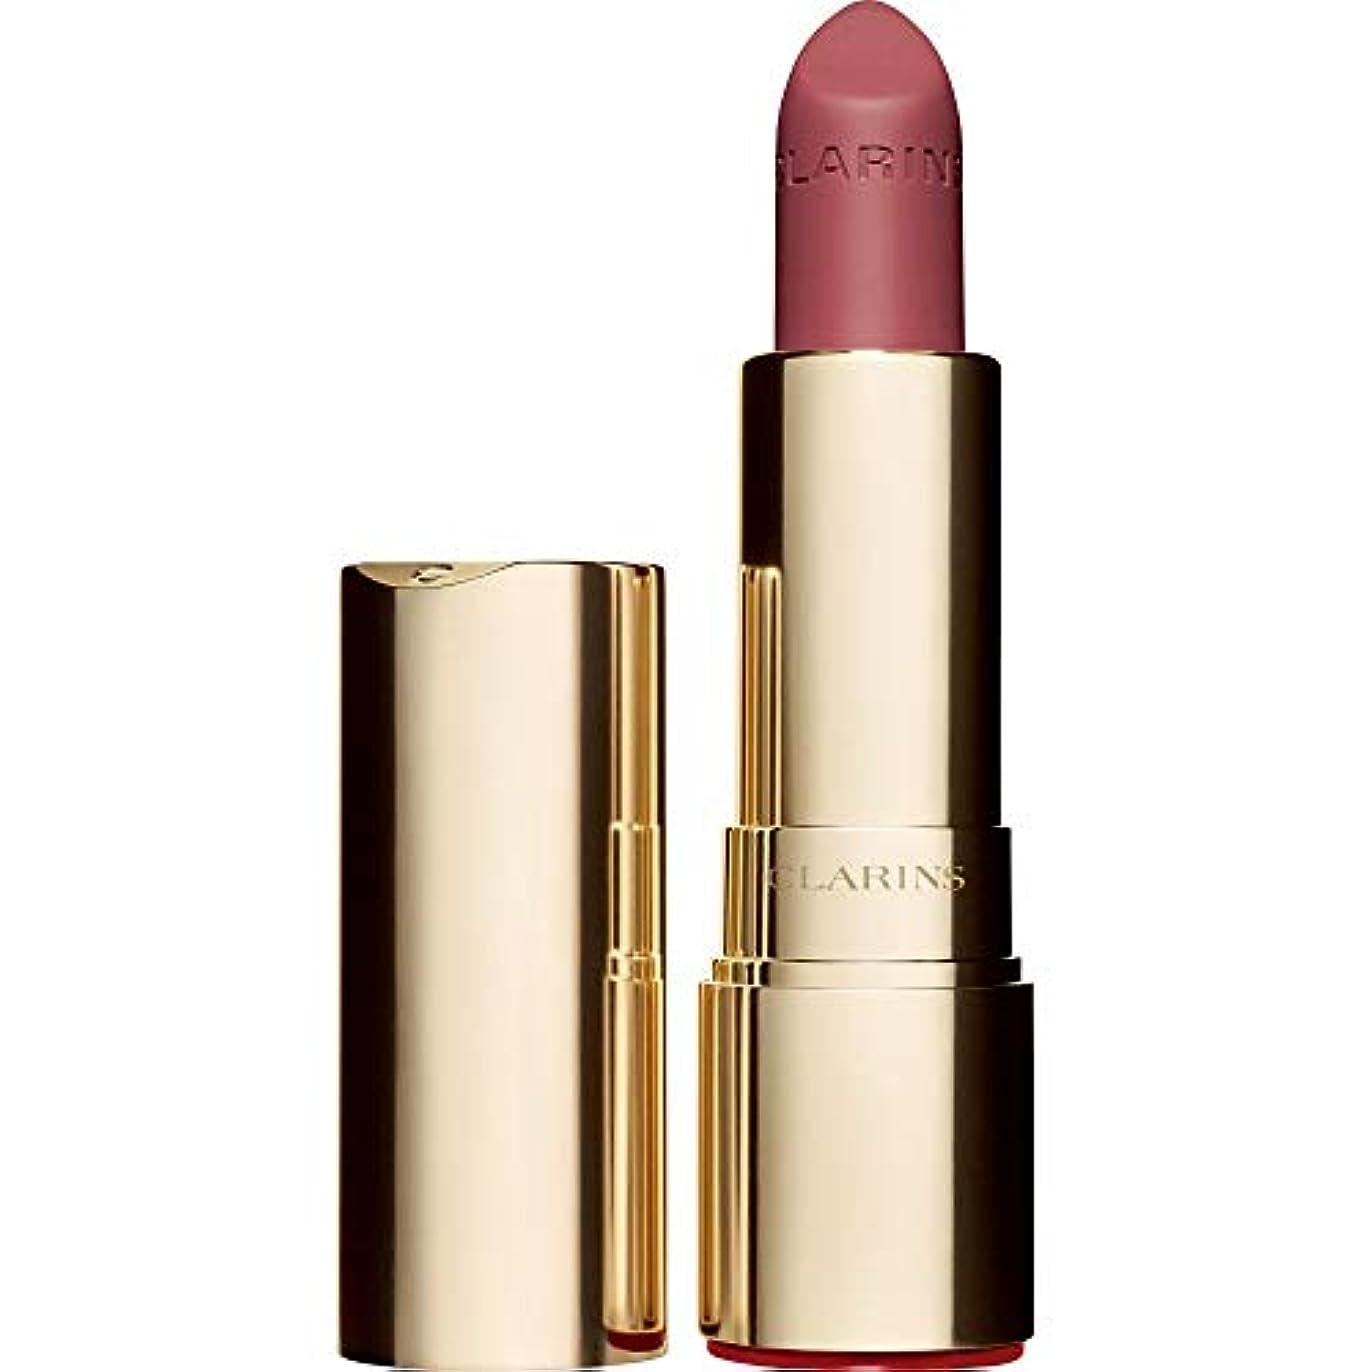 神経障害抽出める[Clarins ] クラランスジョリルージュのベルベットの口紅3.5グラムの752V - ローズウッド - Clarins Joli Rouge Velvet Lipstick 3.5g 752V - Rosewood [並行輸入品]